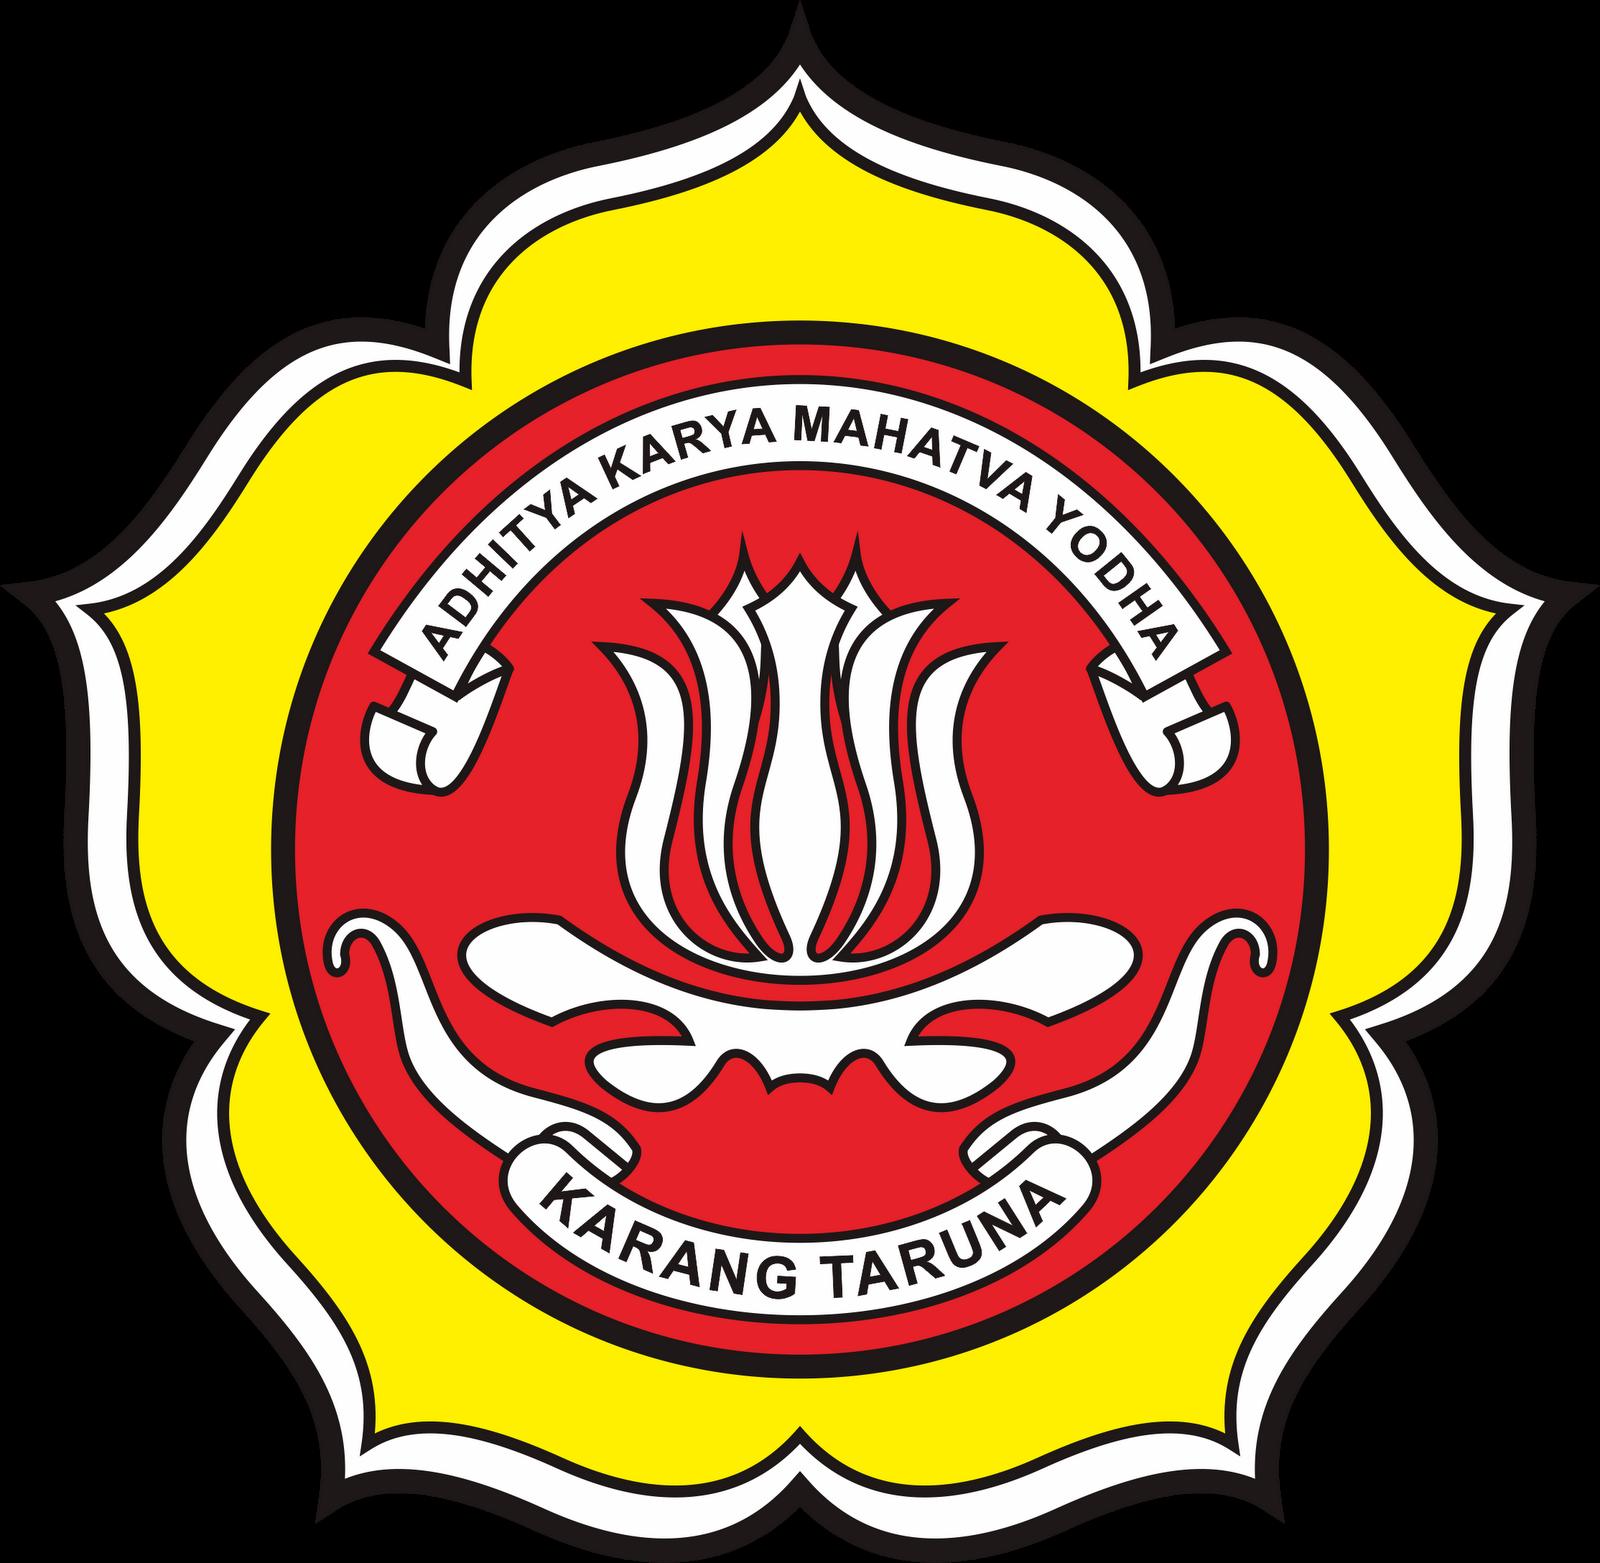 Karangkepoh Logo Karang Taruna Gambar